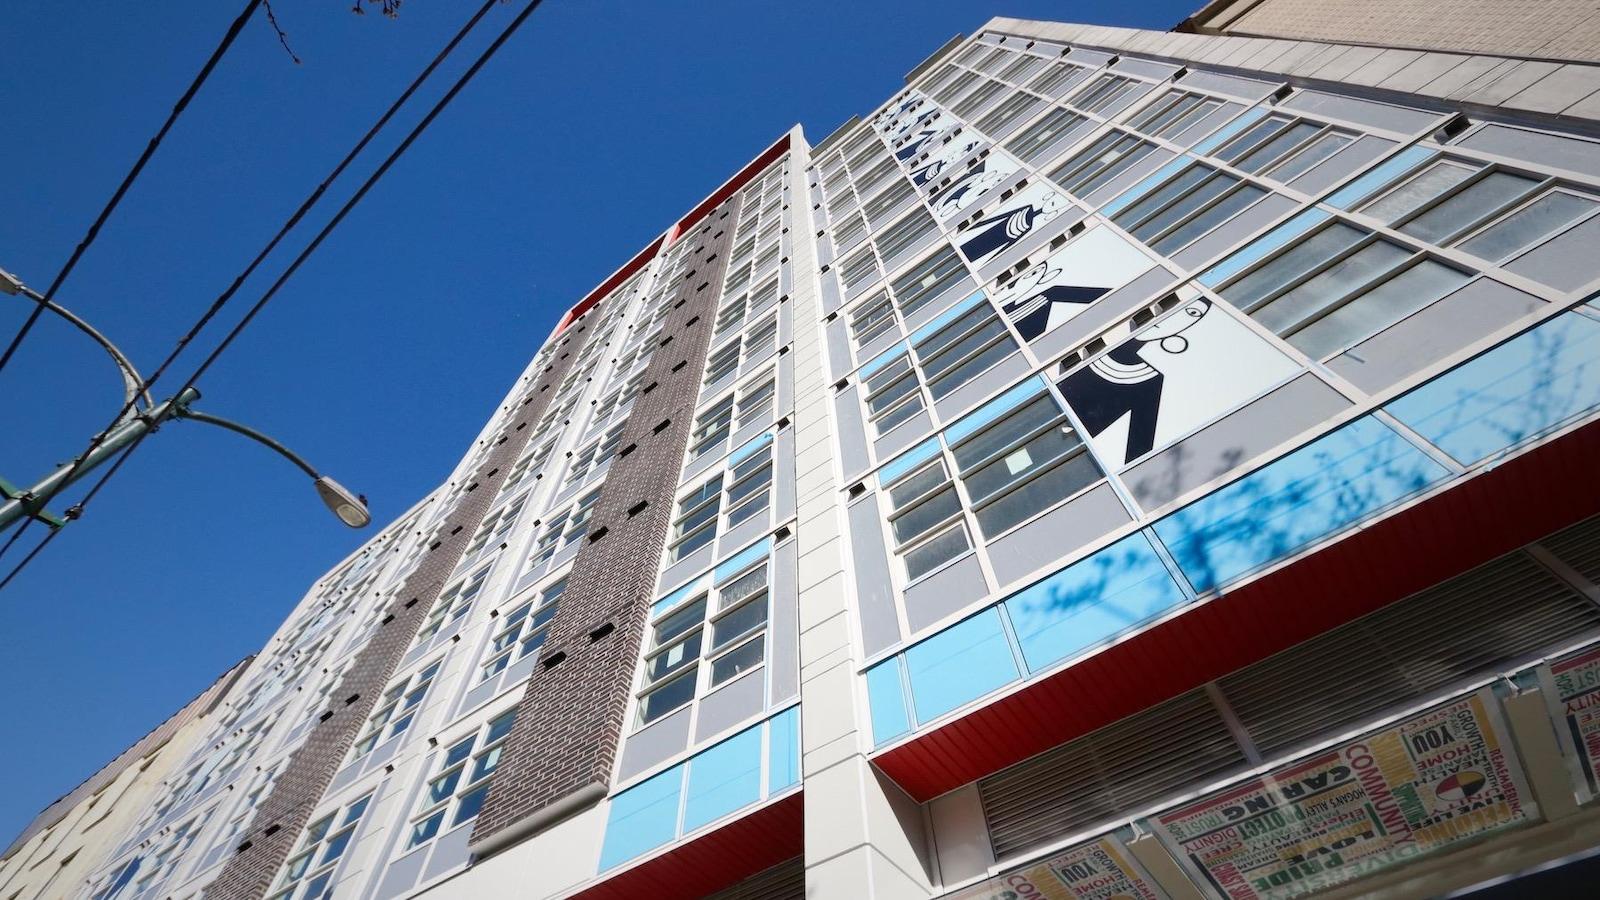 Vue en contre-plongée de l'immeuble Olivia Skye, sur la rue East Hastings, à Vancouver.